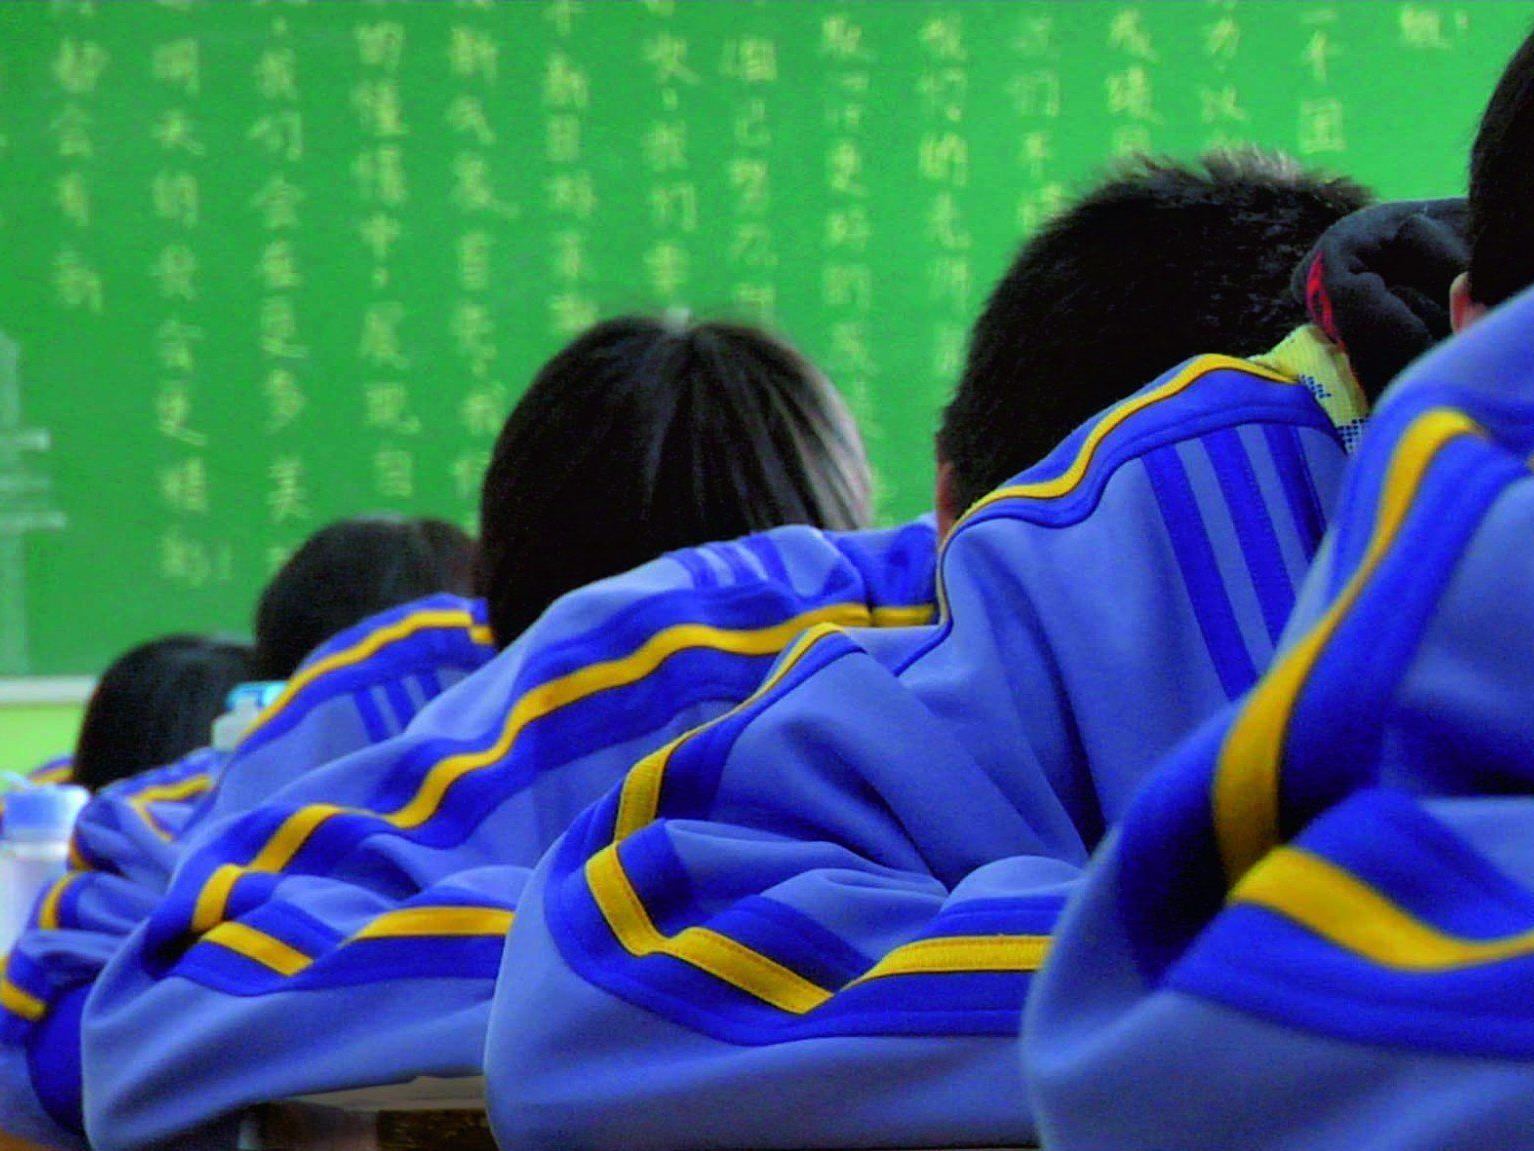 98% aller Kinder kommen hochbegabt auf die Welt. Nach der Schule sind es nur noch 2%.